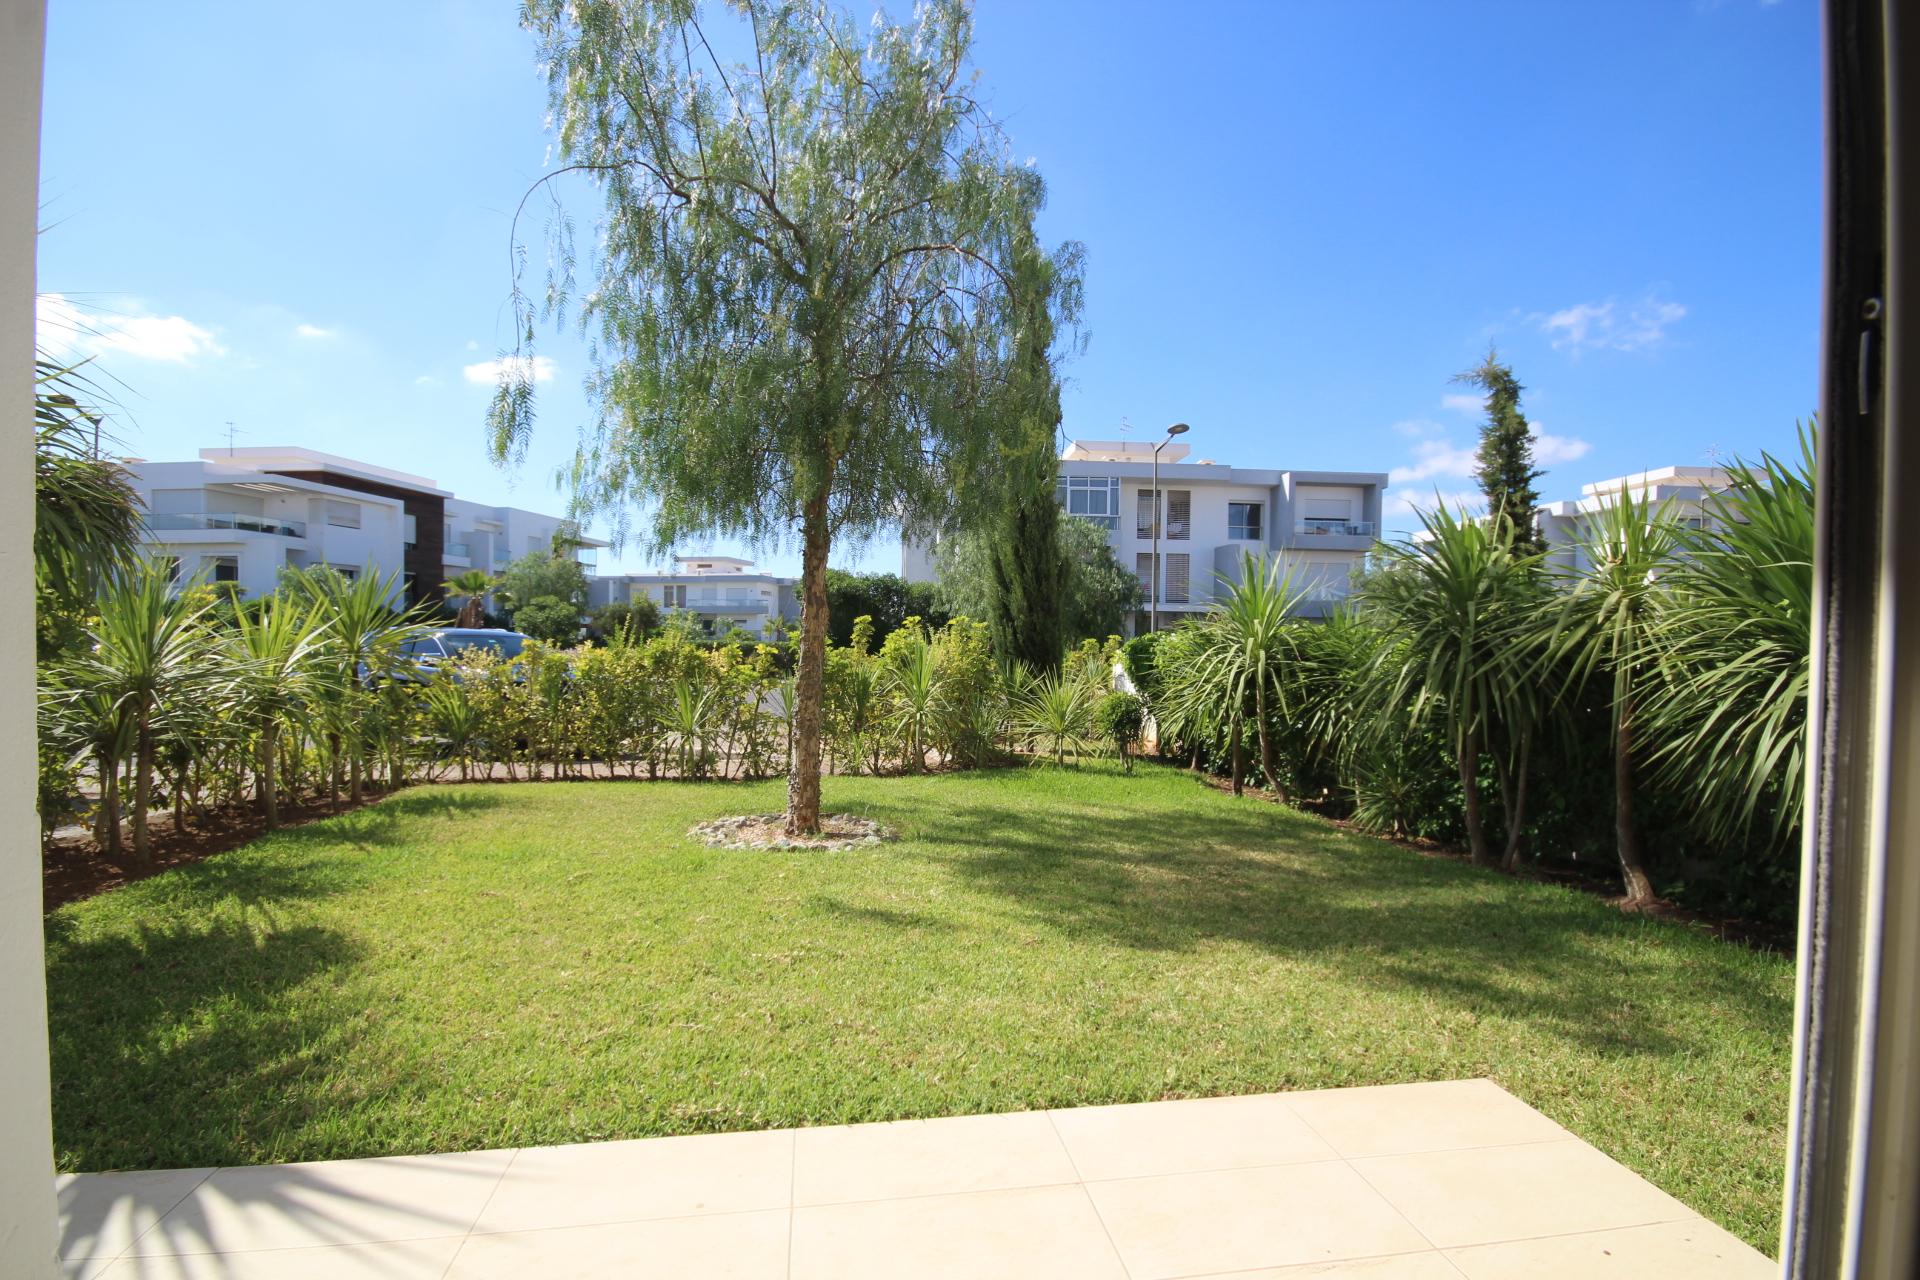 Maroc, Bouscoura, Joli appartement moderne en Rez de jardin à louer meublé. (Presque une villa)